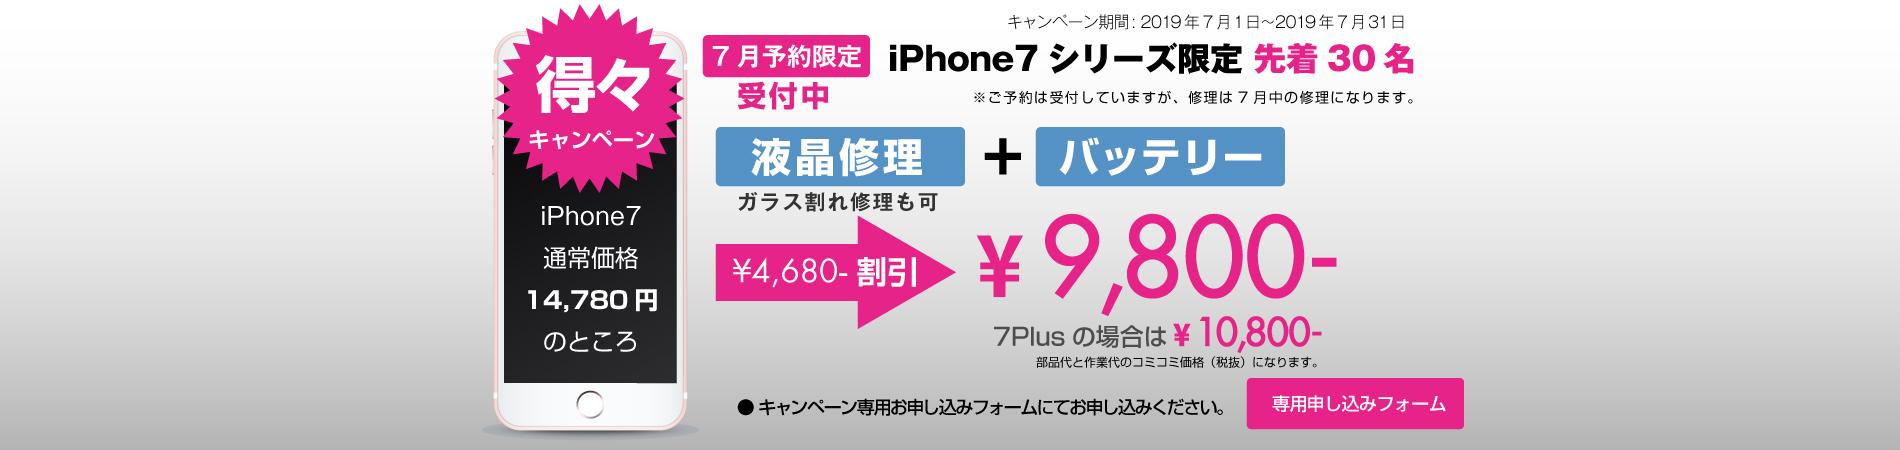 7月得々キャンペーンiPhone7シリーズ